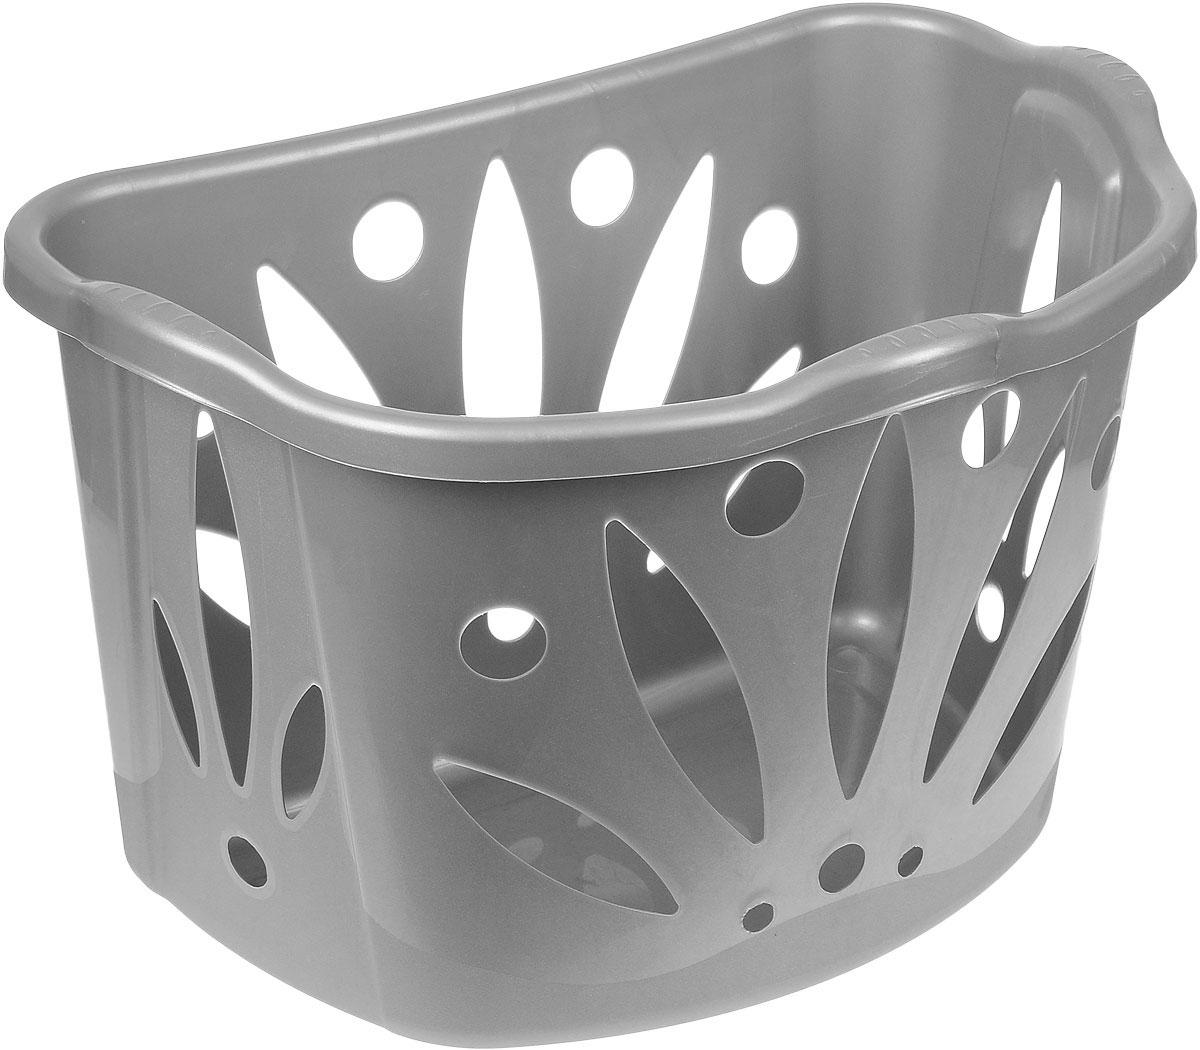 Корзина для белья Bama Bean, цвет: серый, 43 л70170_серыйВместительная корзина для белья Bama Bean изготовлена из прочного цветного пластика. Она отлично подойдет для хранения белья перед стиркой. Специальные отверстия на стенках создают идеальные условия для проветривания. Изделие оснащено двумя ручками для удобной переноски. Такая корзина для белья прекрасно впишется в интерьер ванной комнаты.